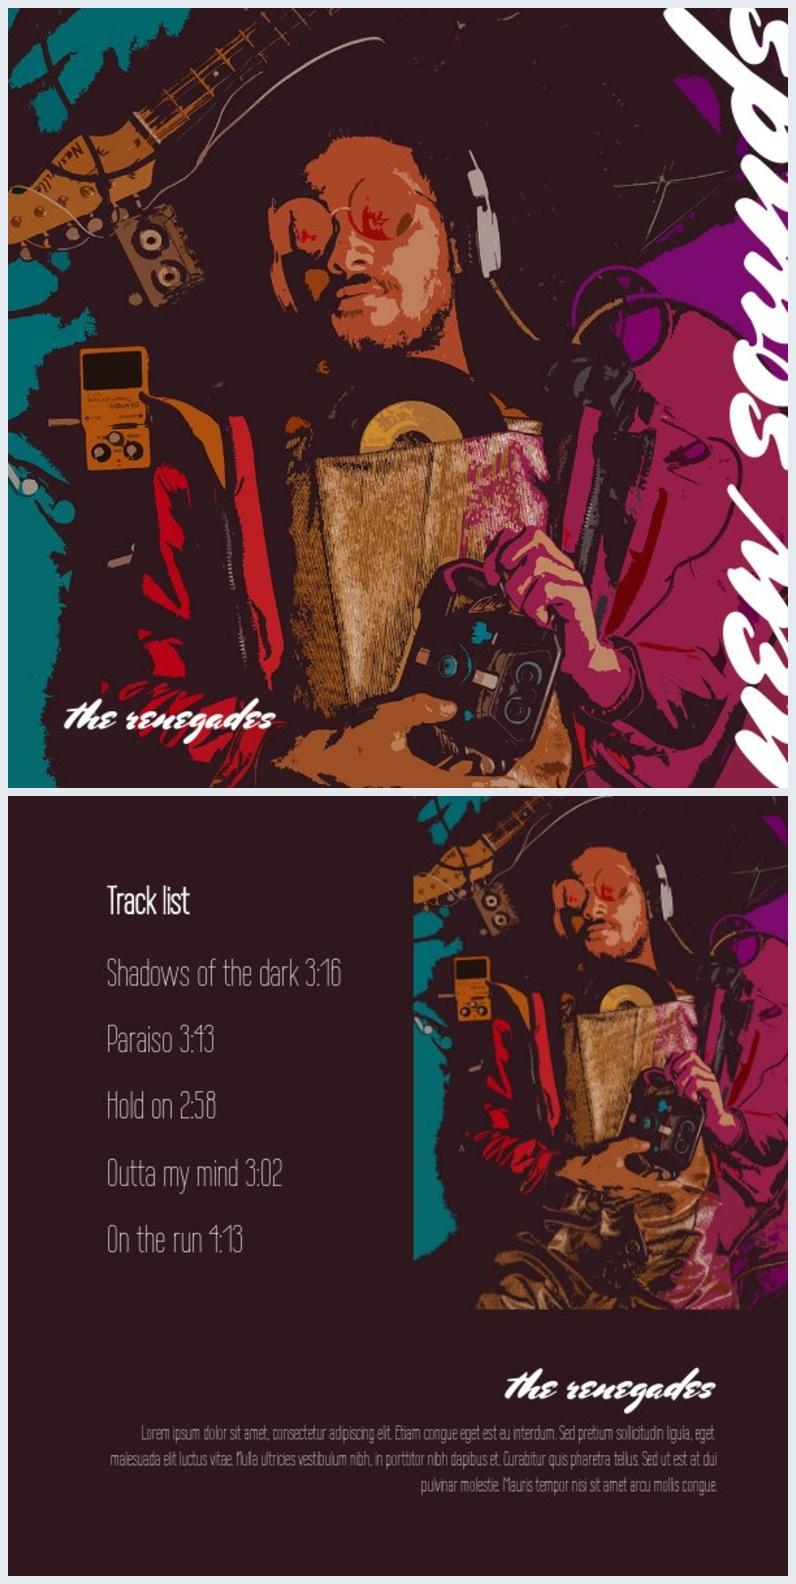 Künstlerisches Album-Cover-Layout-Design